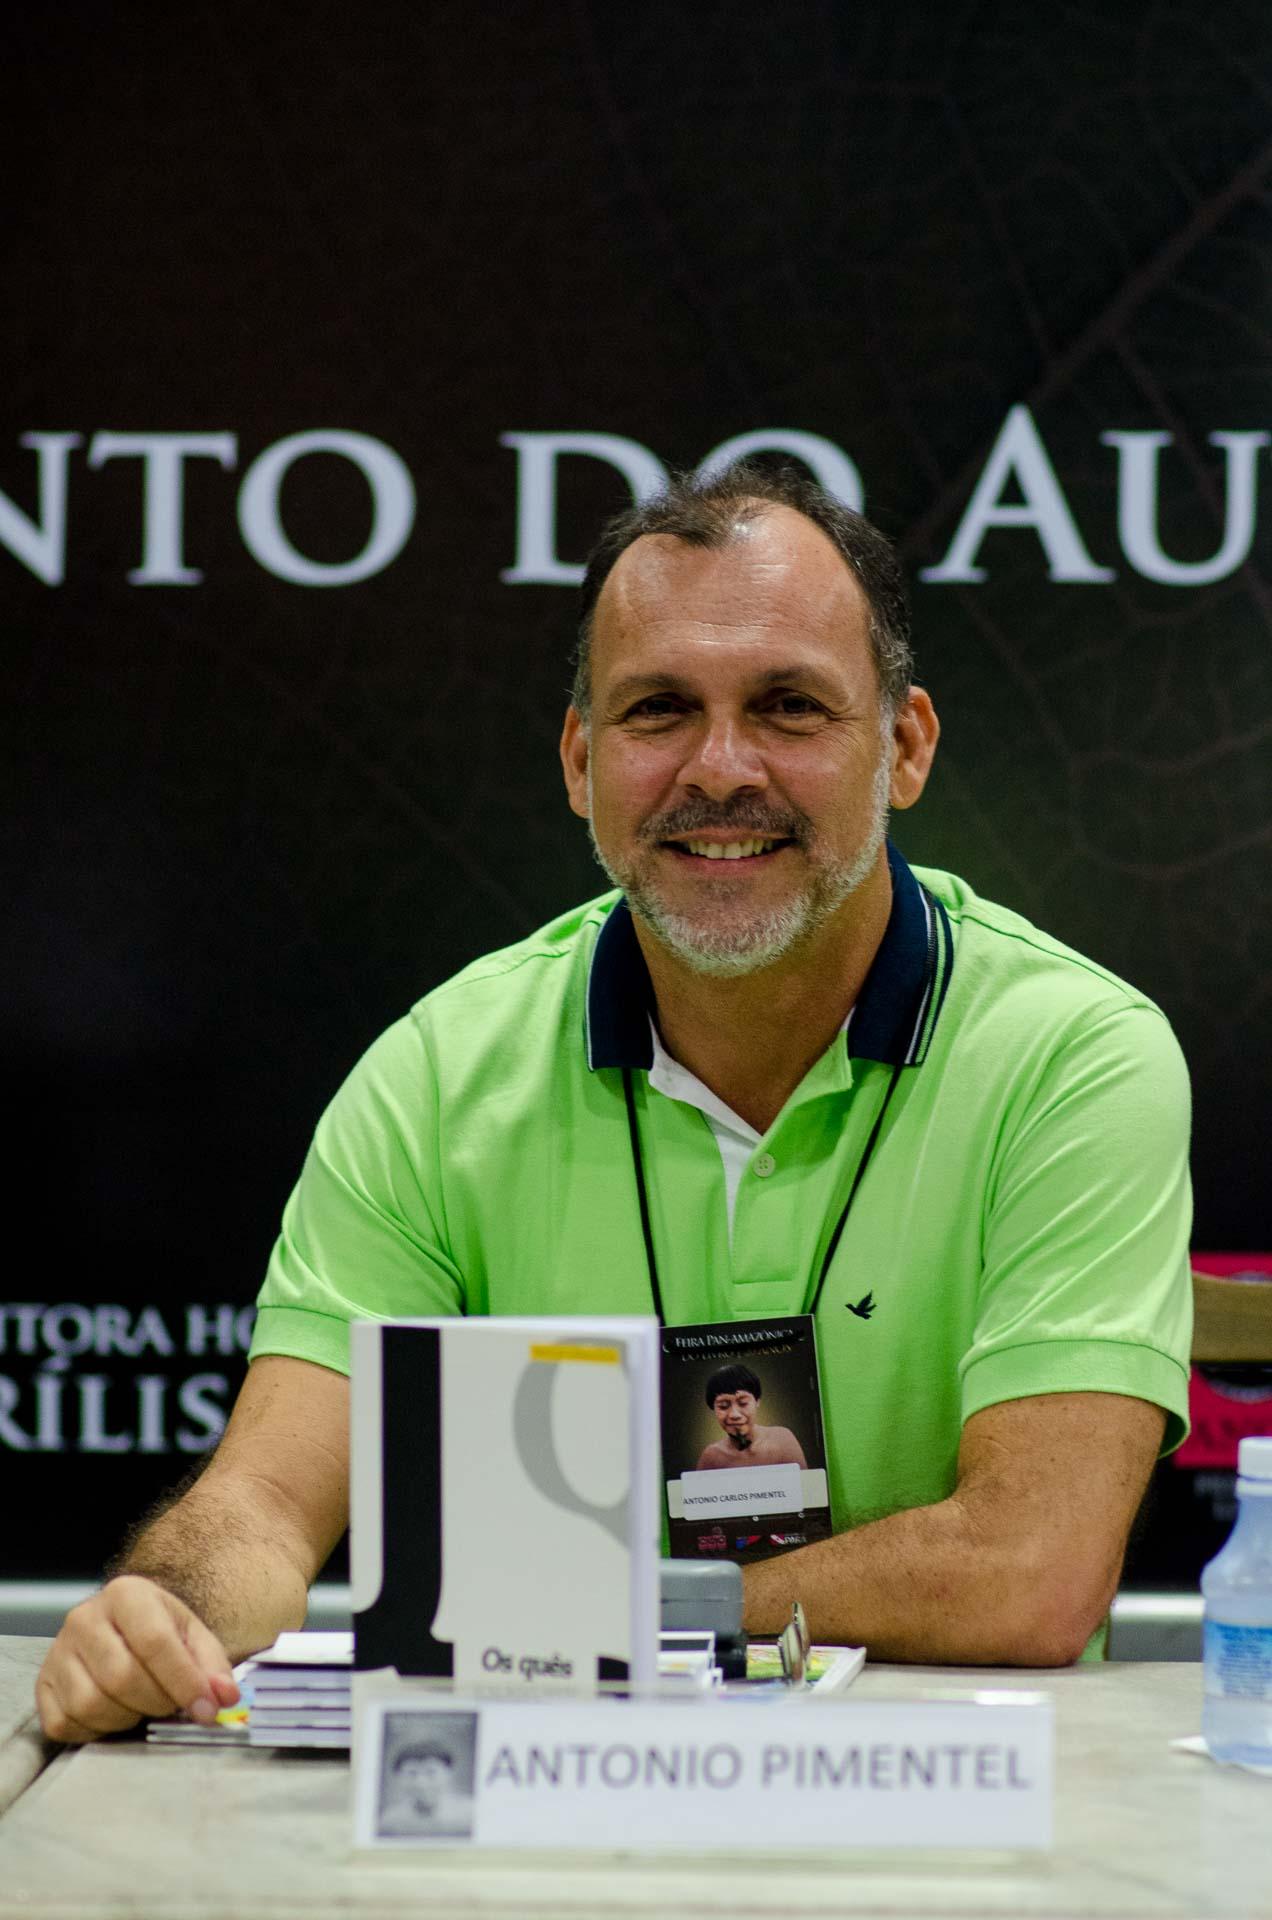 Antônio Carlos Pimentel